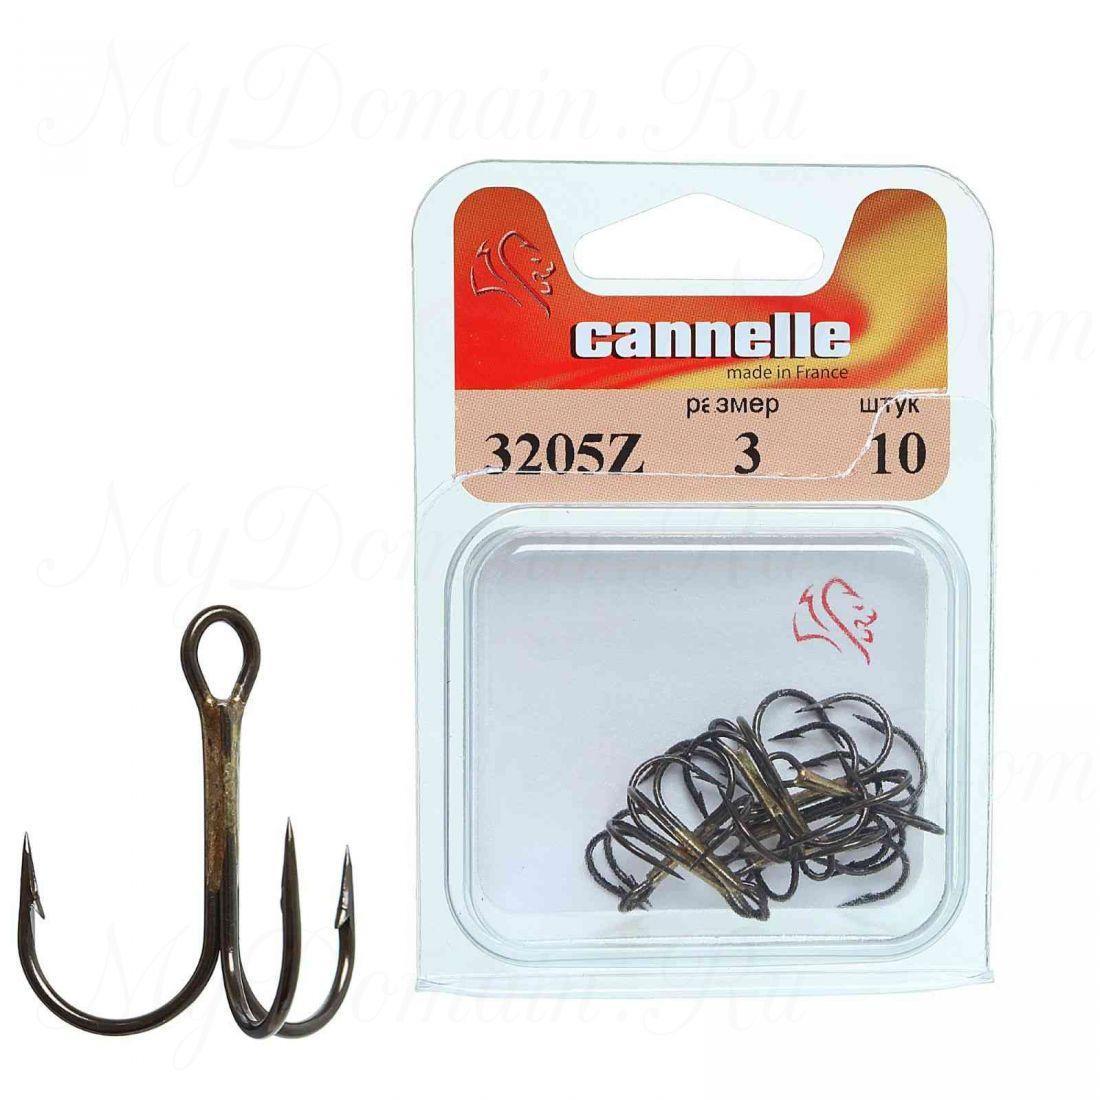 Тройник Cannelle 3205 N № 8 уп. 10 шт. (никель,круглый поддев,стандартный тройник,средняя проволка)